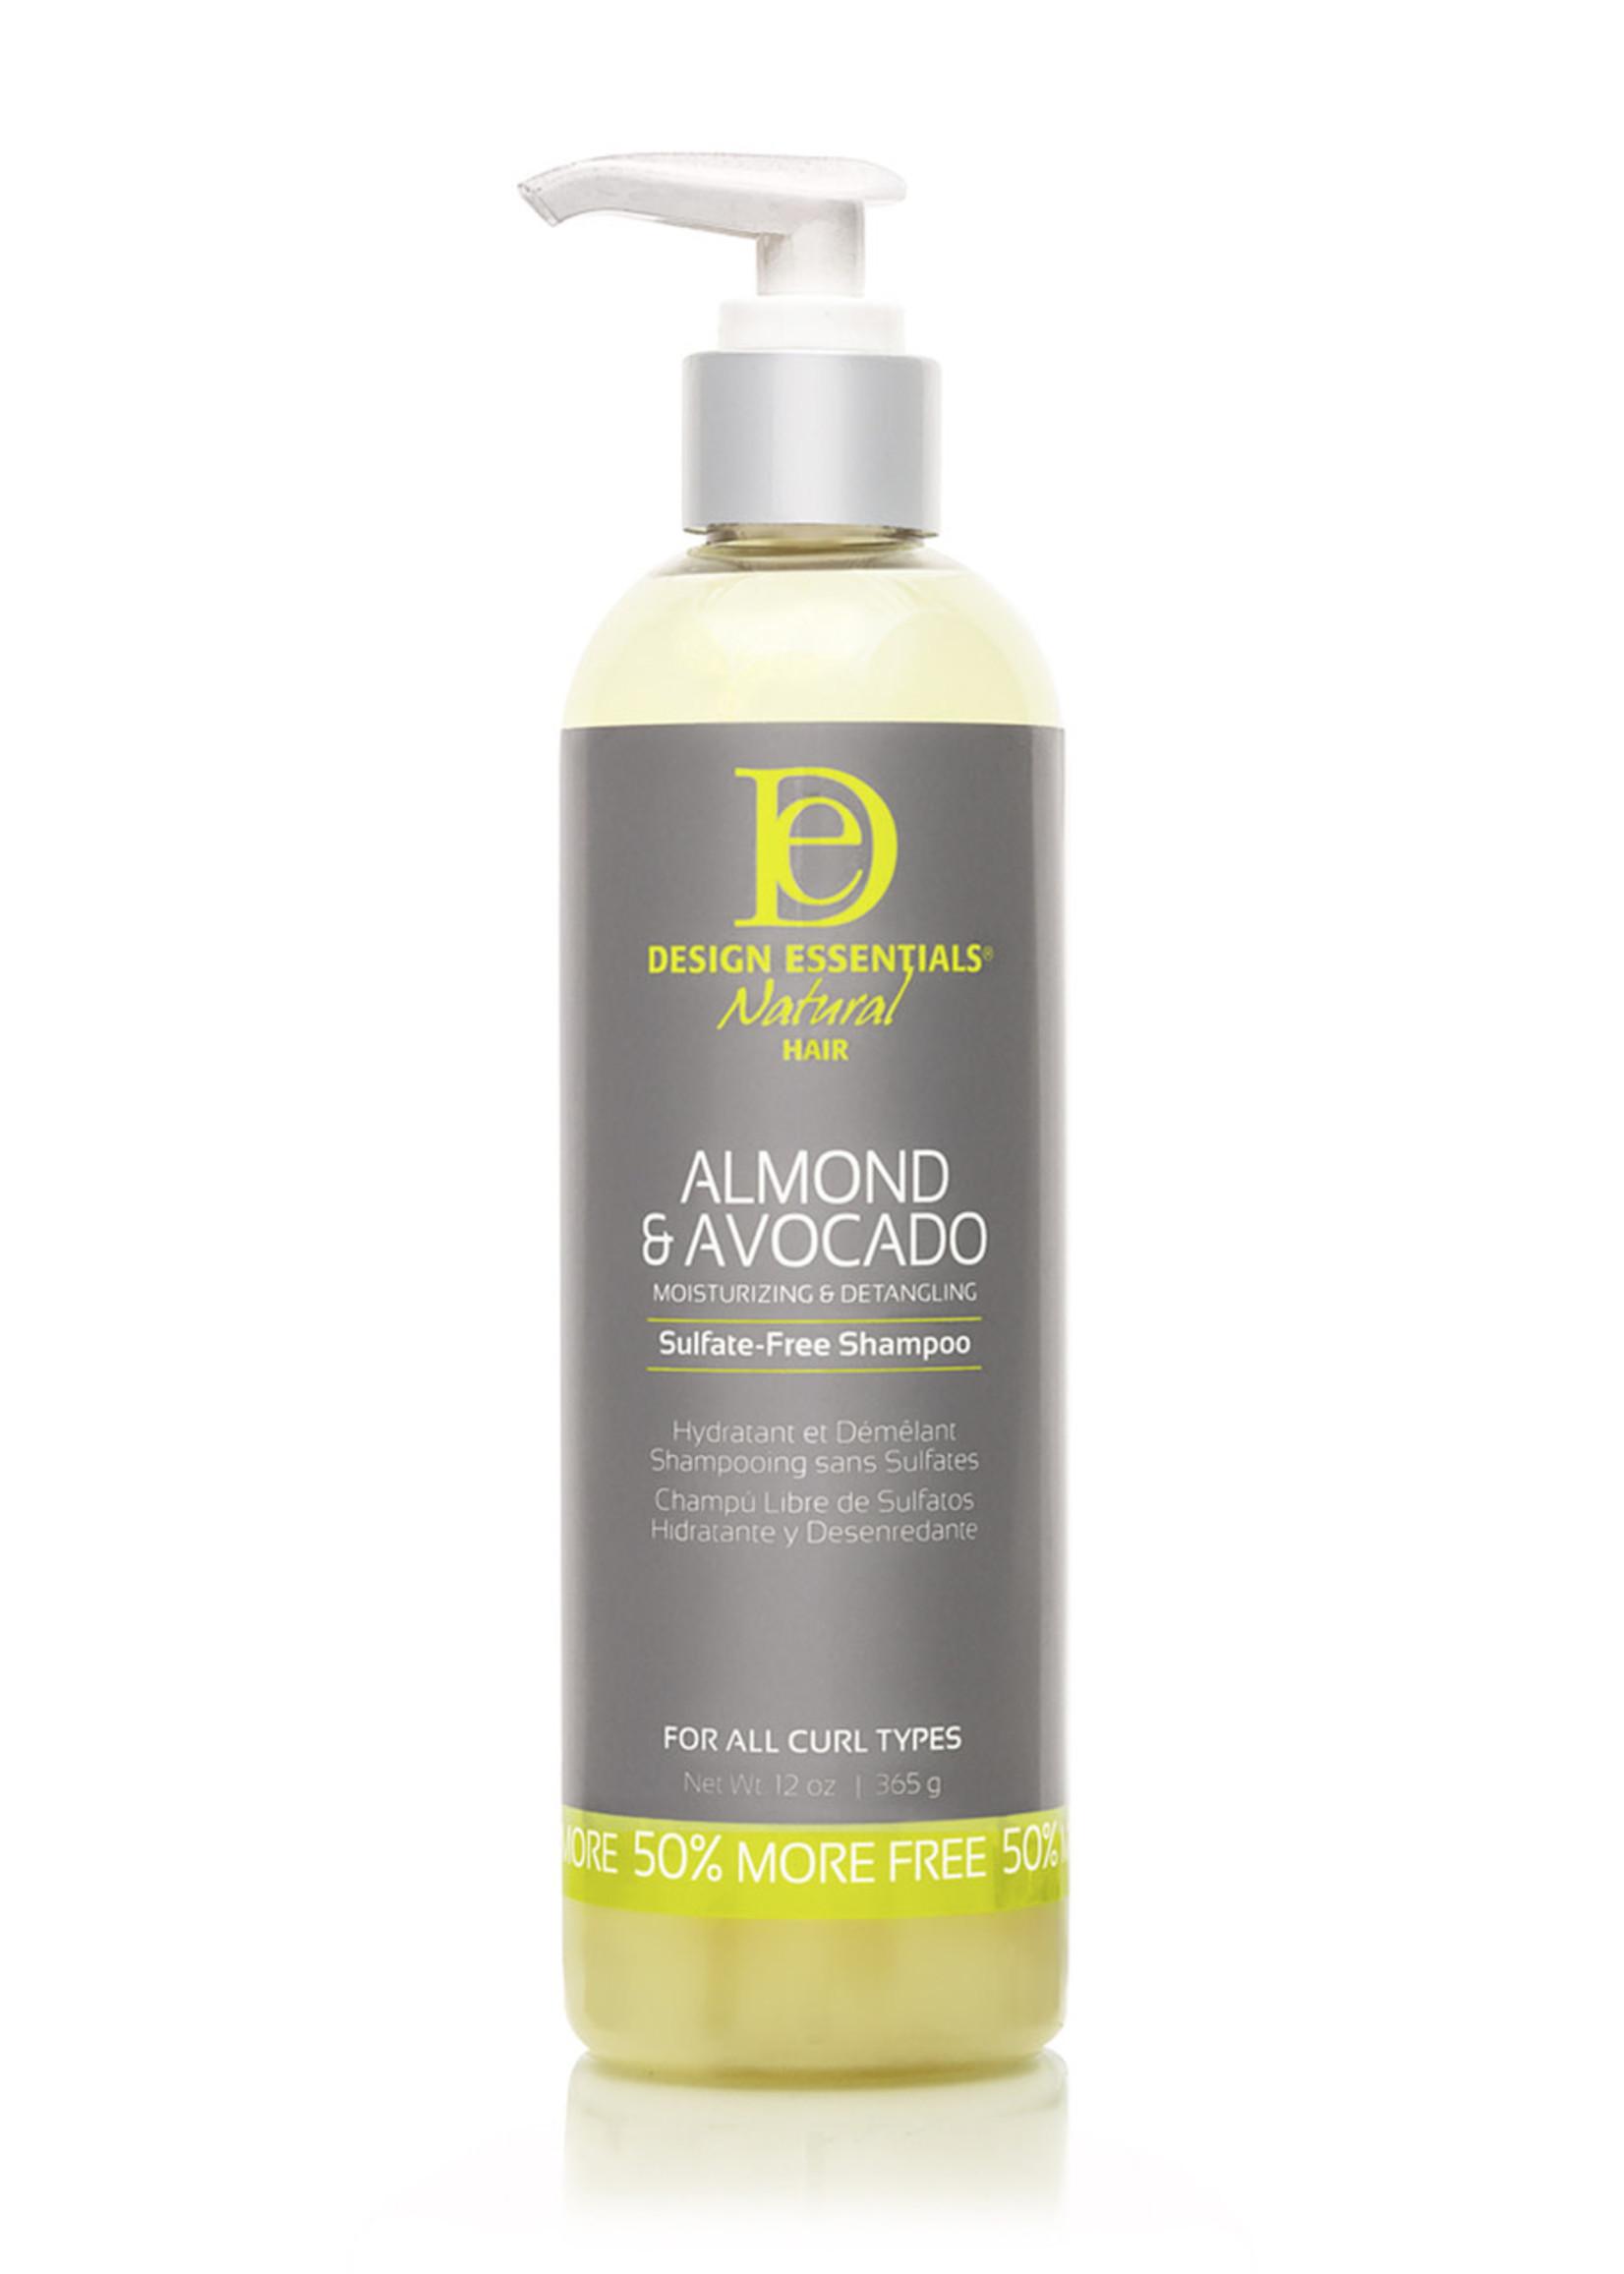 Design Essentials Almond & Avocado Moisturizing Shampoo